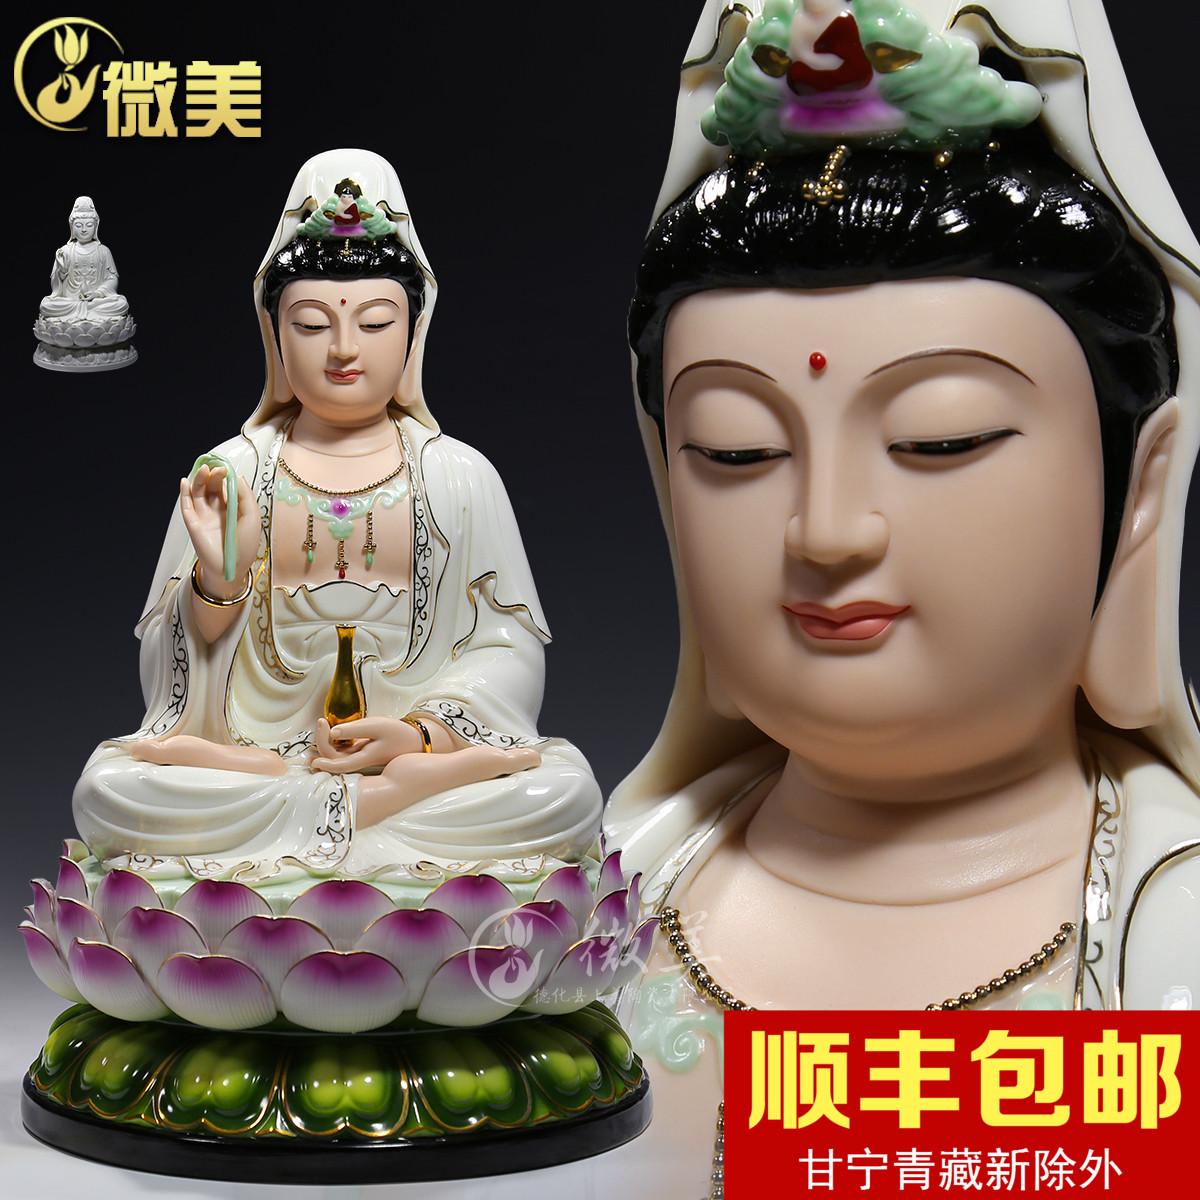 德化陶瓷9�贾�19�甲�莲观音佛像供奉观世音菩萨居家客厅镇宅摆件